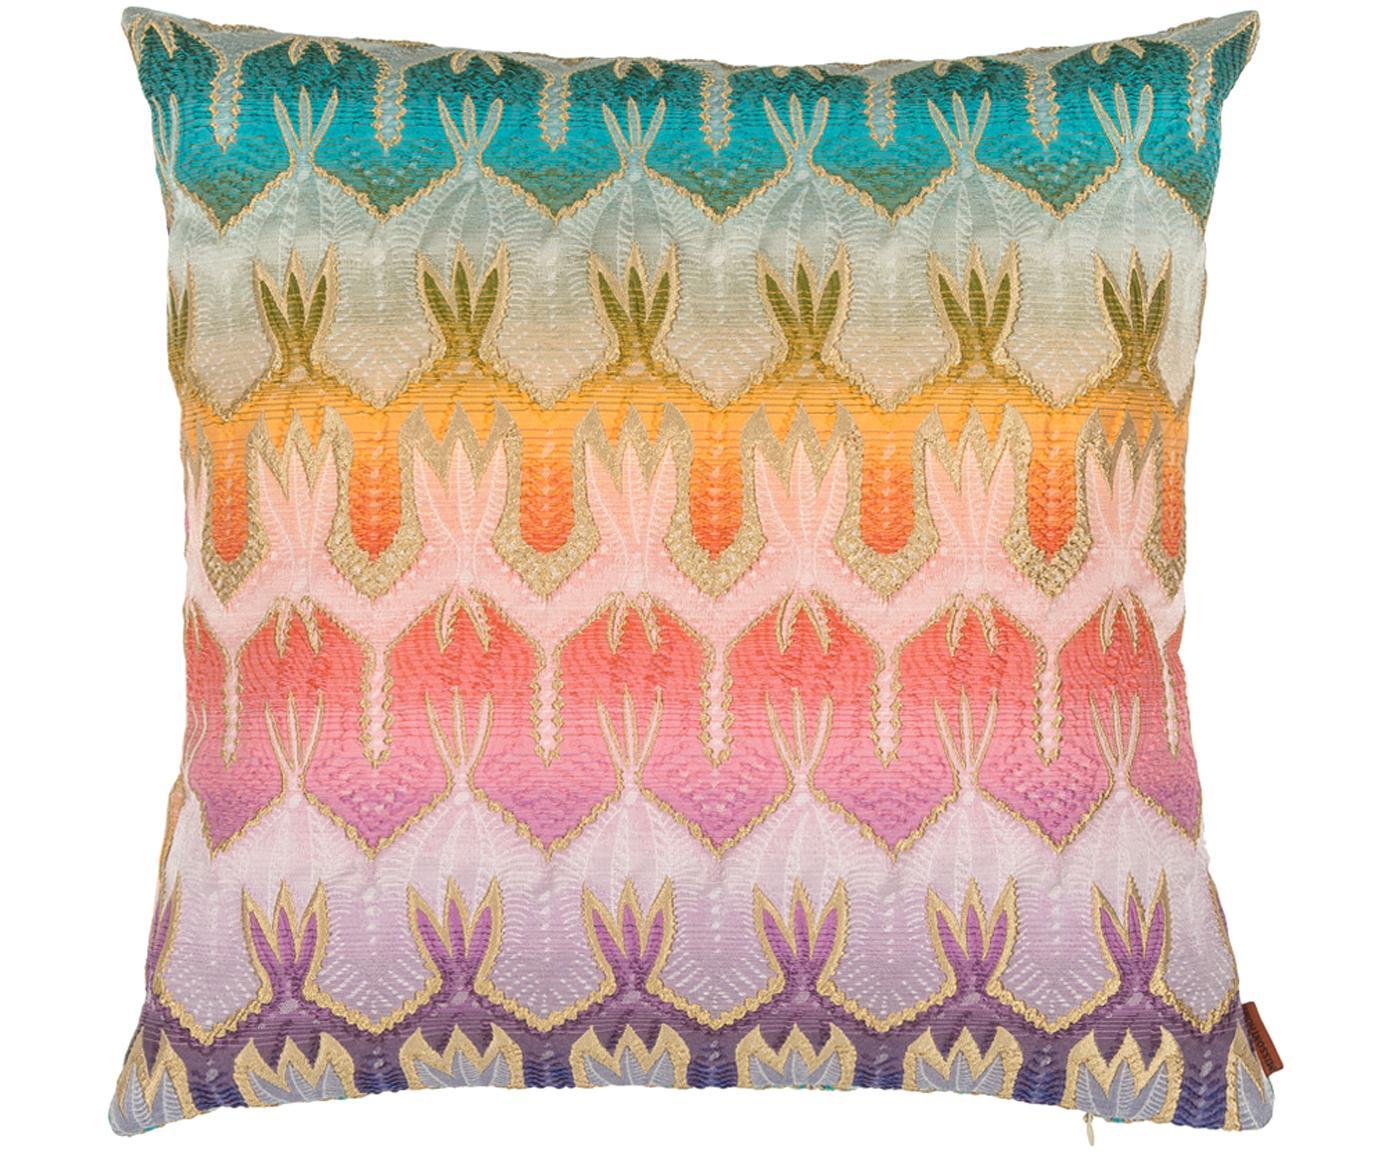 Buntes Designer Kissen Pasadena, mit Inlett, Hülle: 53% Polyester, 38% Baumwo, Mehrfarbig, 40 x 40 cm